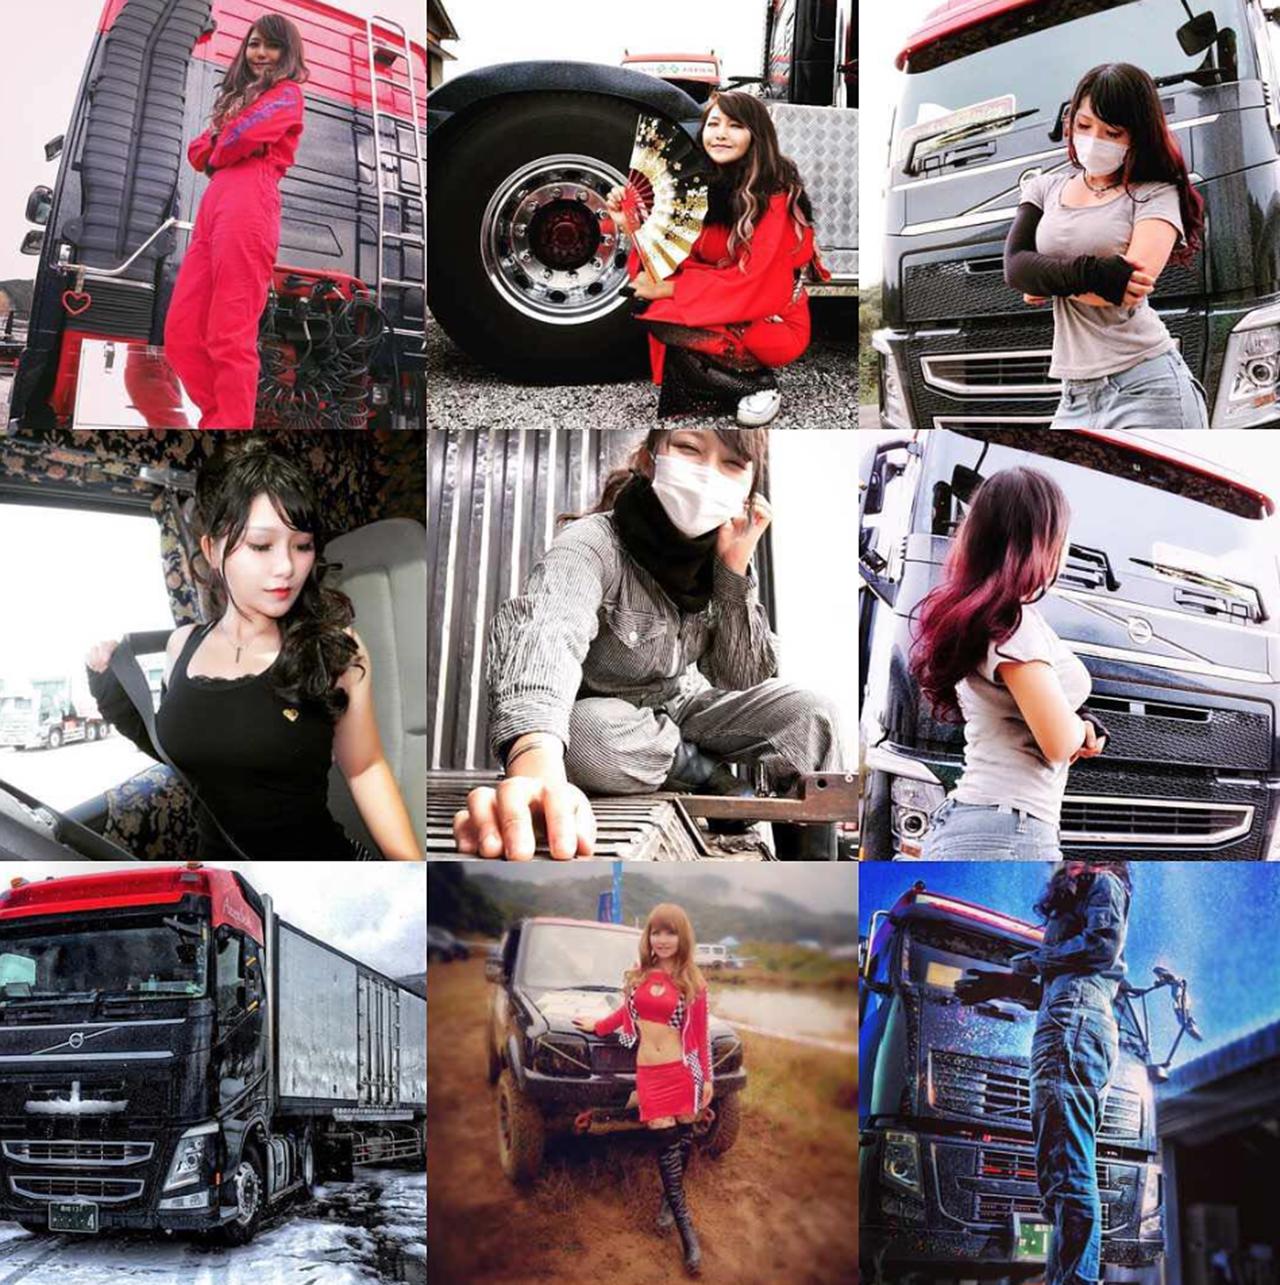 Для самого красивого водителя грузовика нет одежды нужного размера 2